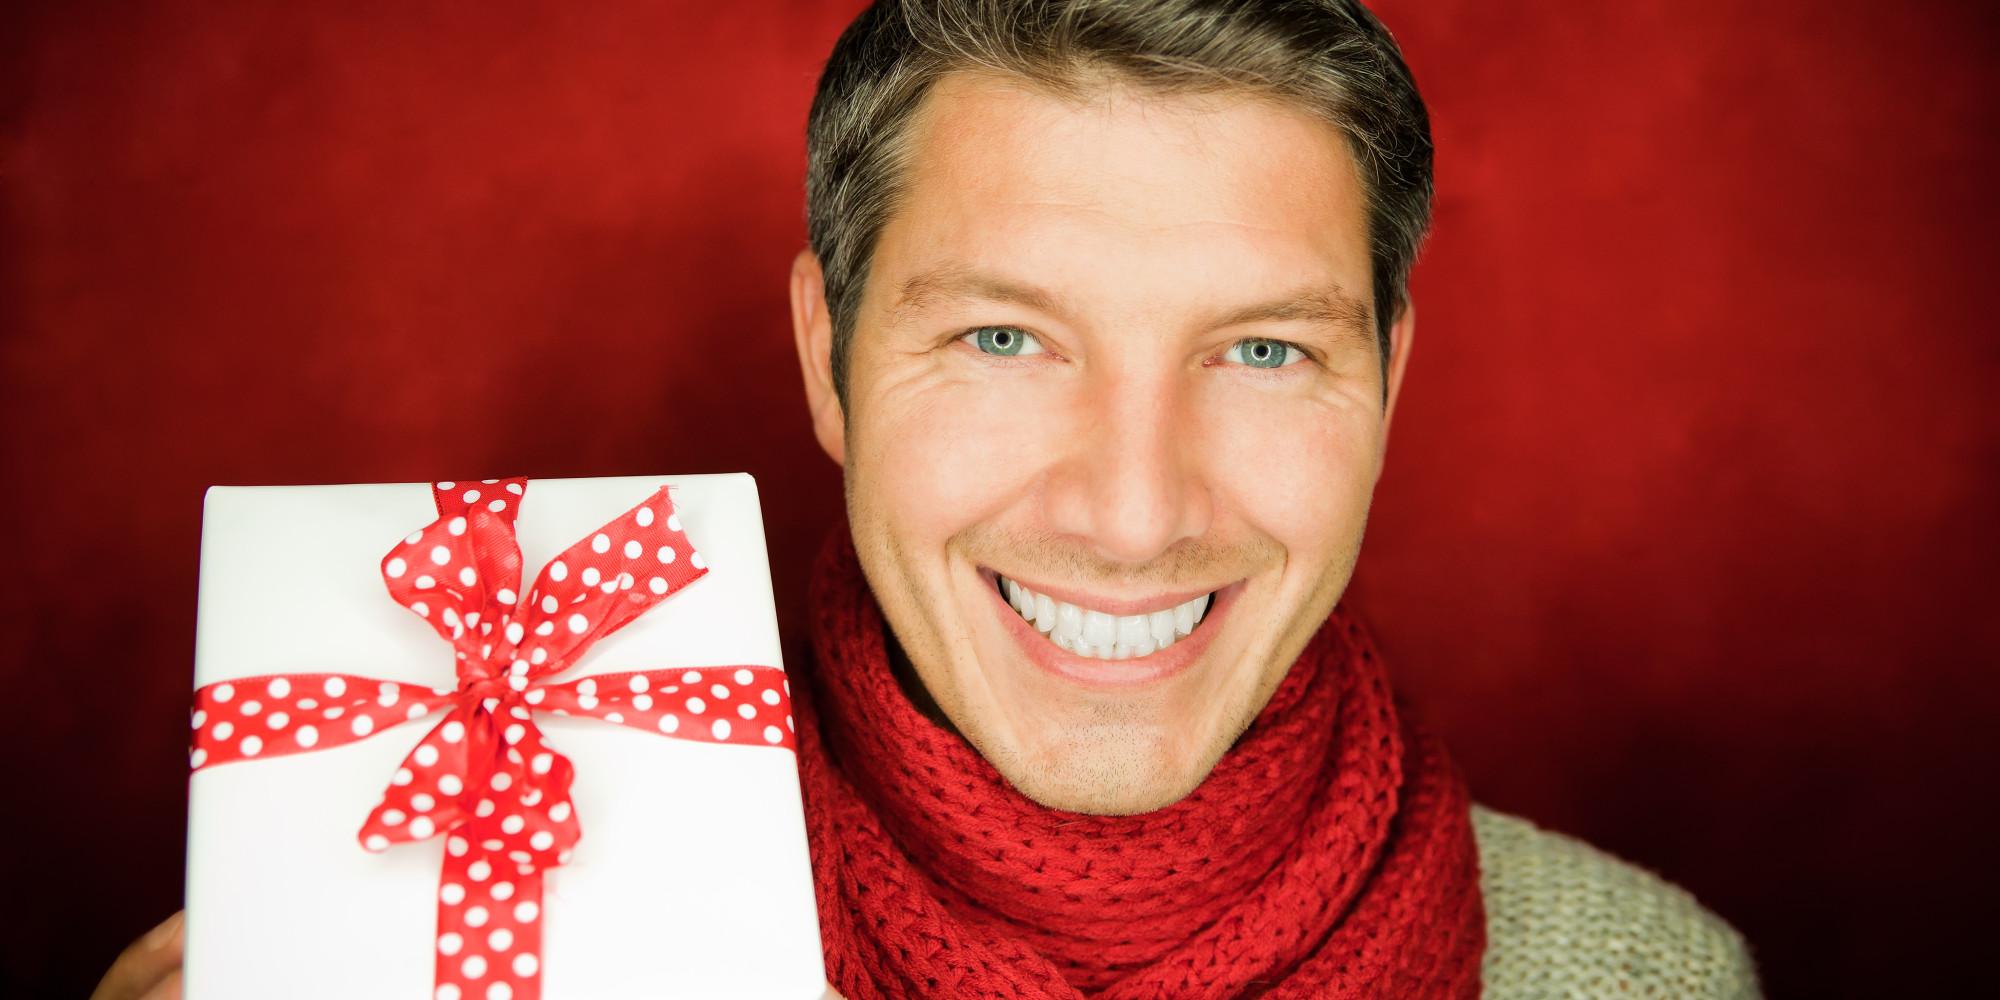 christmas gift for man